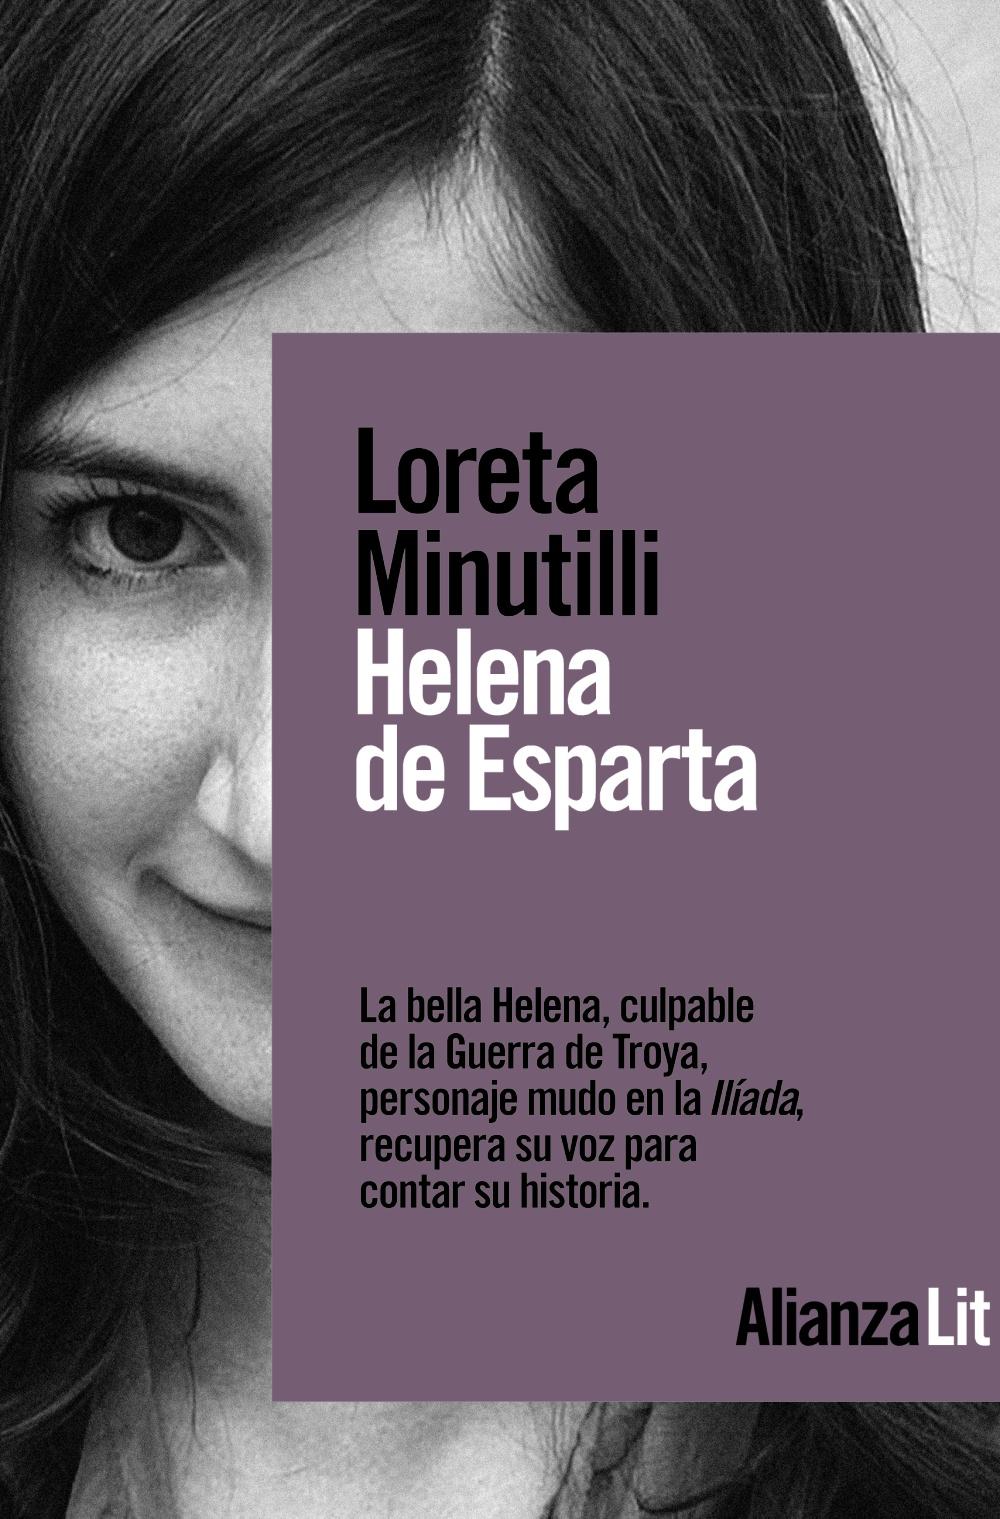 Helena de Esparta - Alianza Editorial